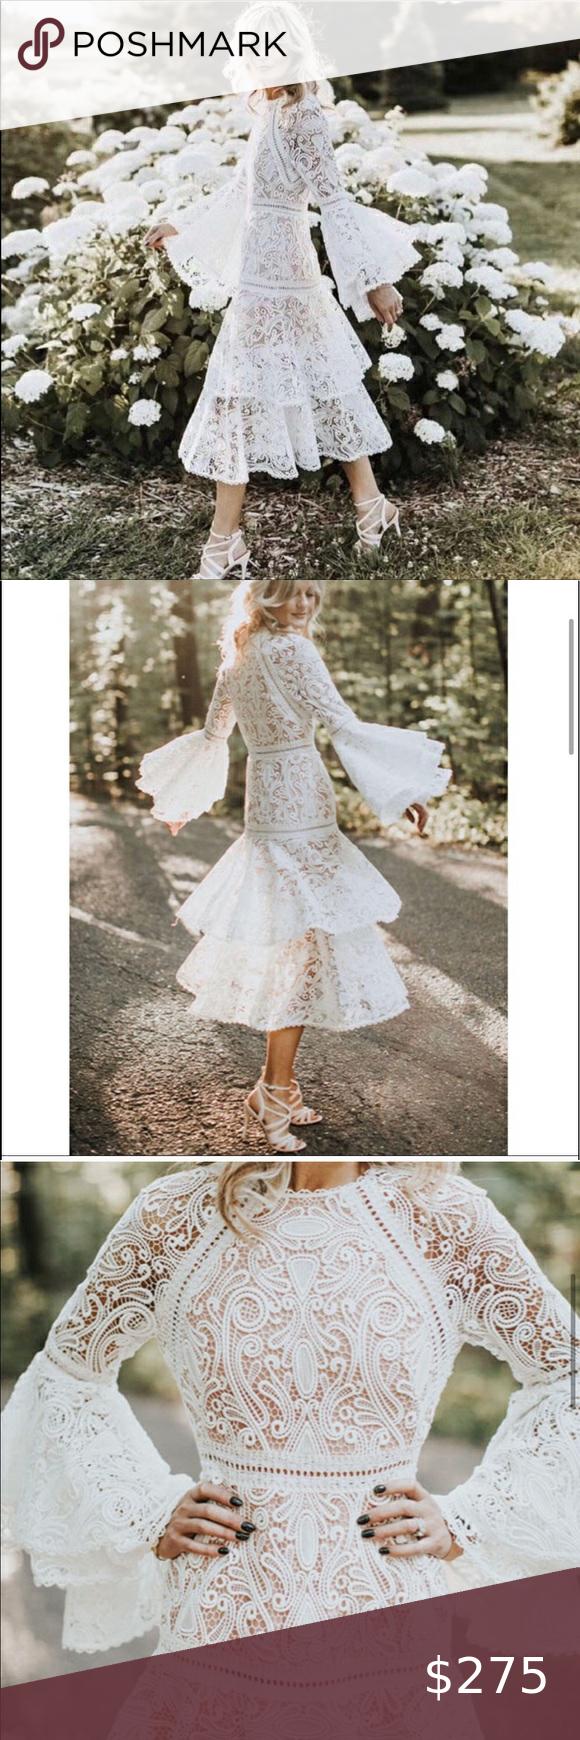 Lace Midi Dress Brand New In 2020 Dress Brands Lace Midi Dress Dresses [ 1740 x 580 Pixel ]